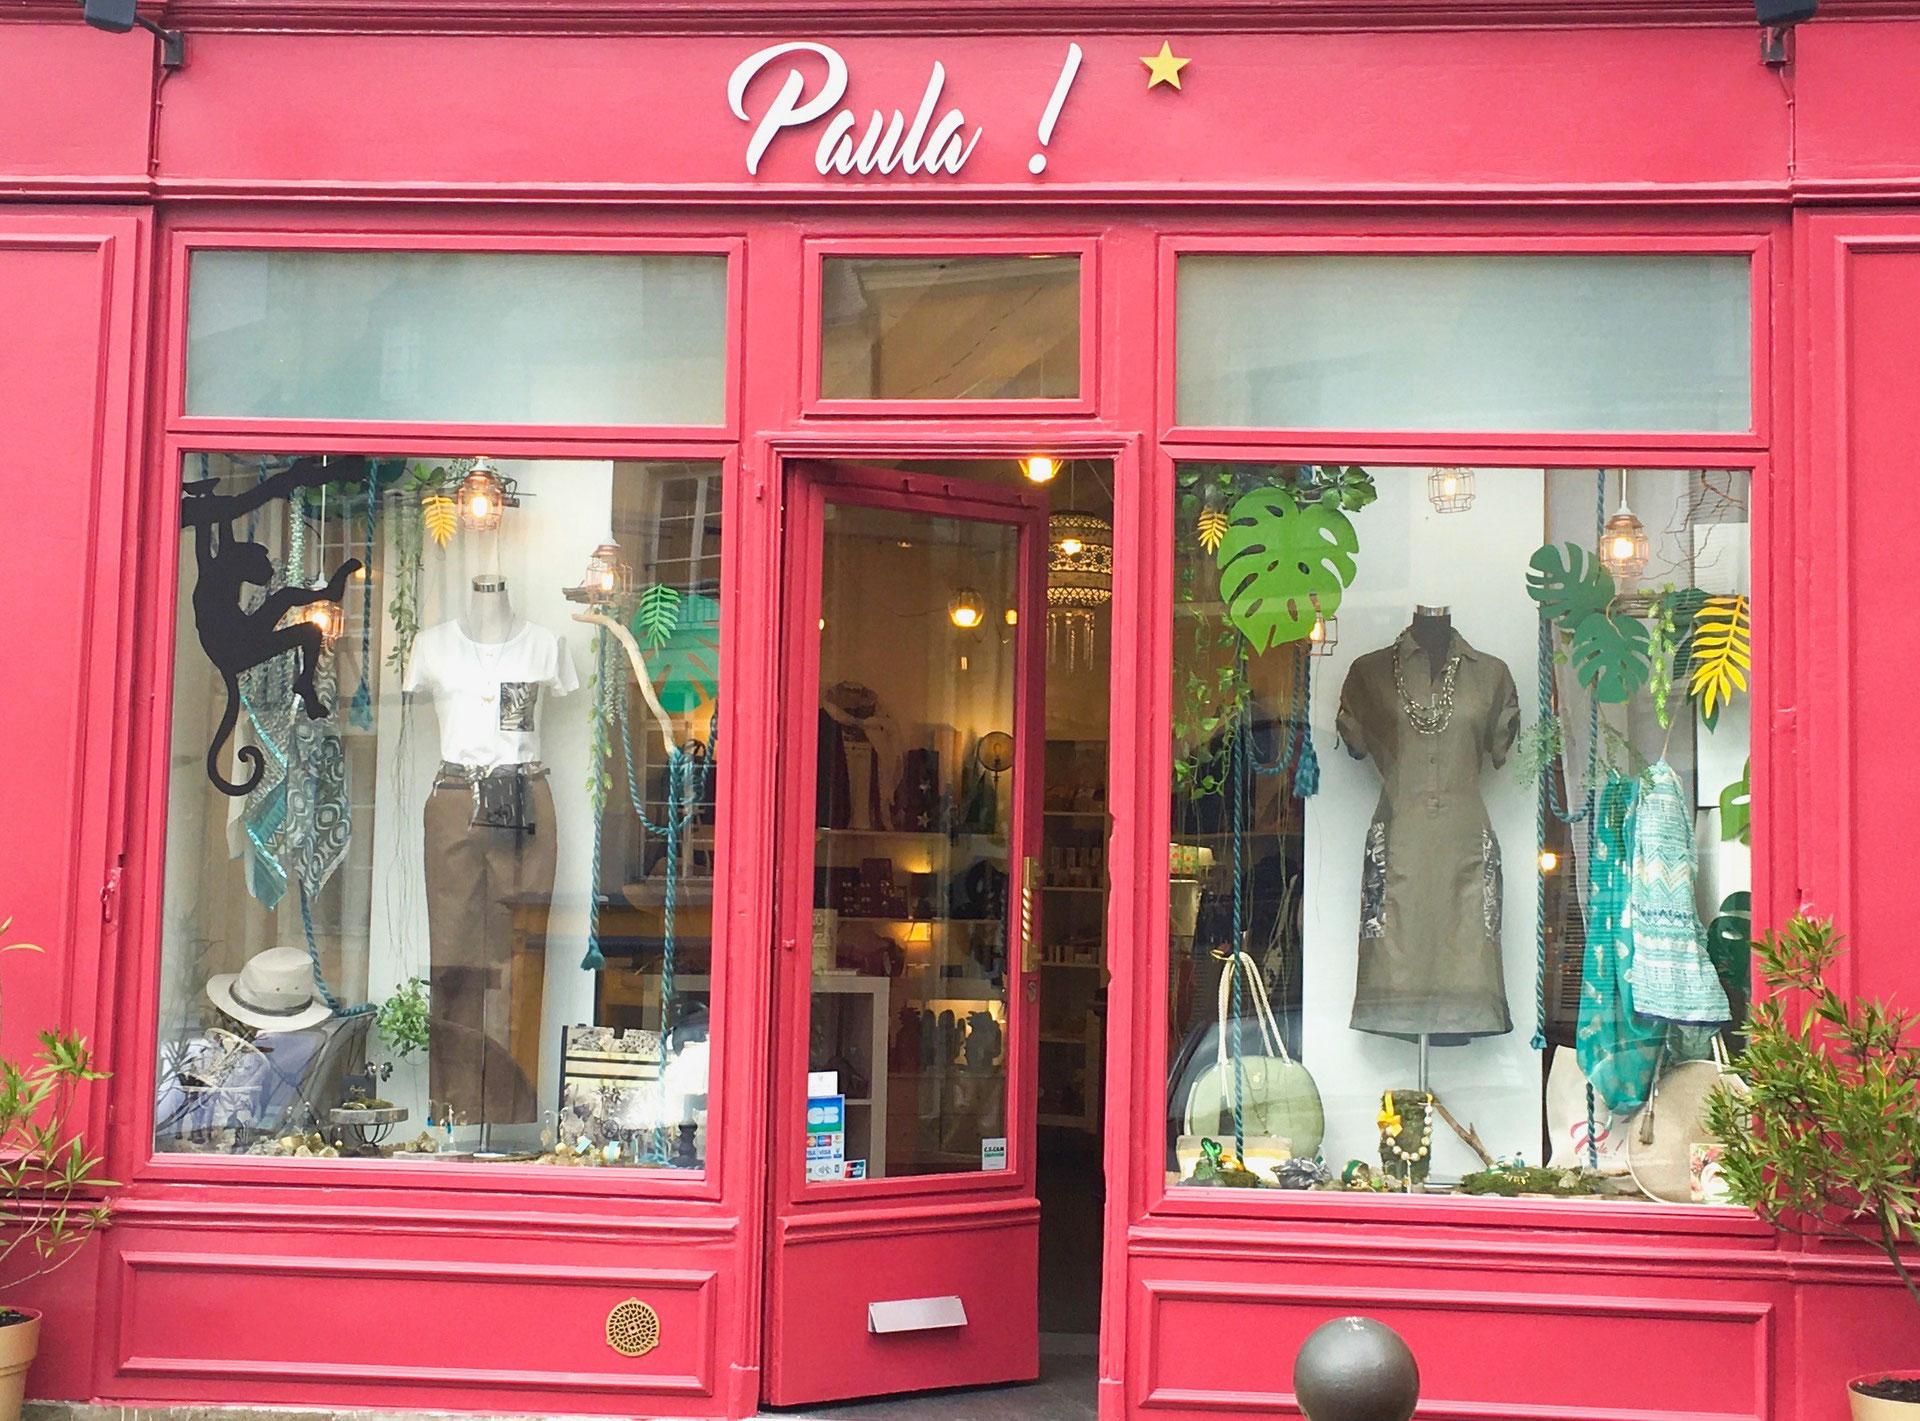 3cb90380b41 Accueil - Boutique Paula!   Les Créateurs... Le Mans